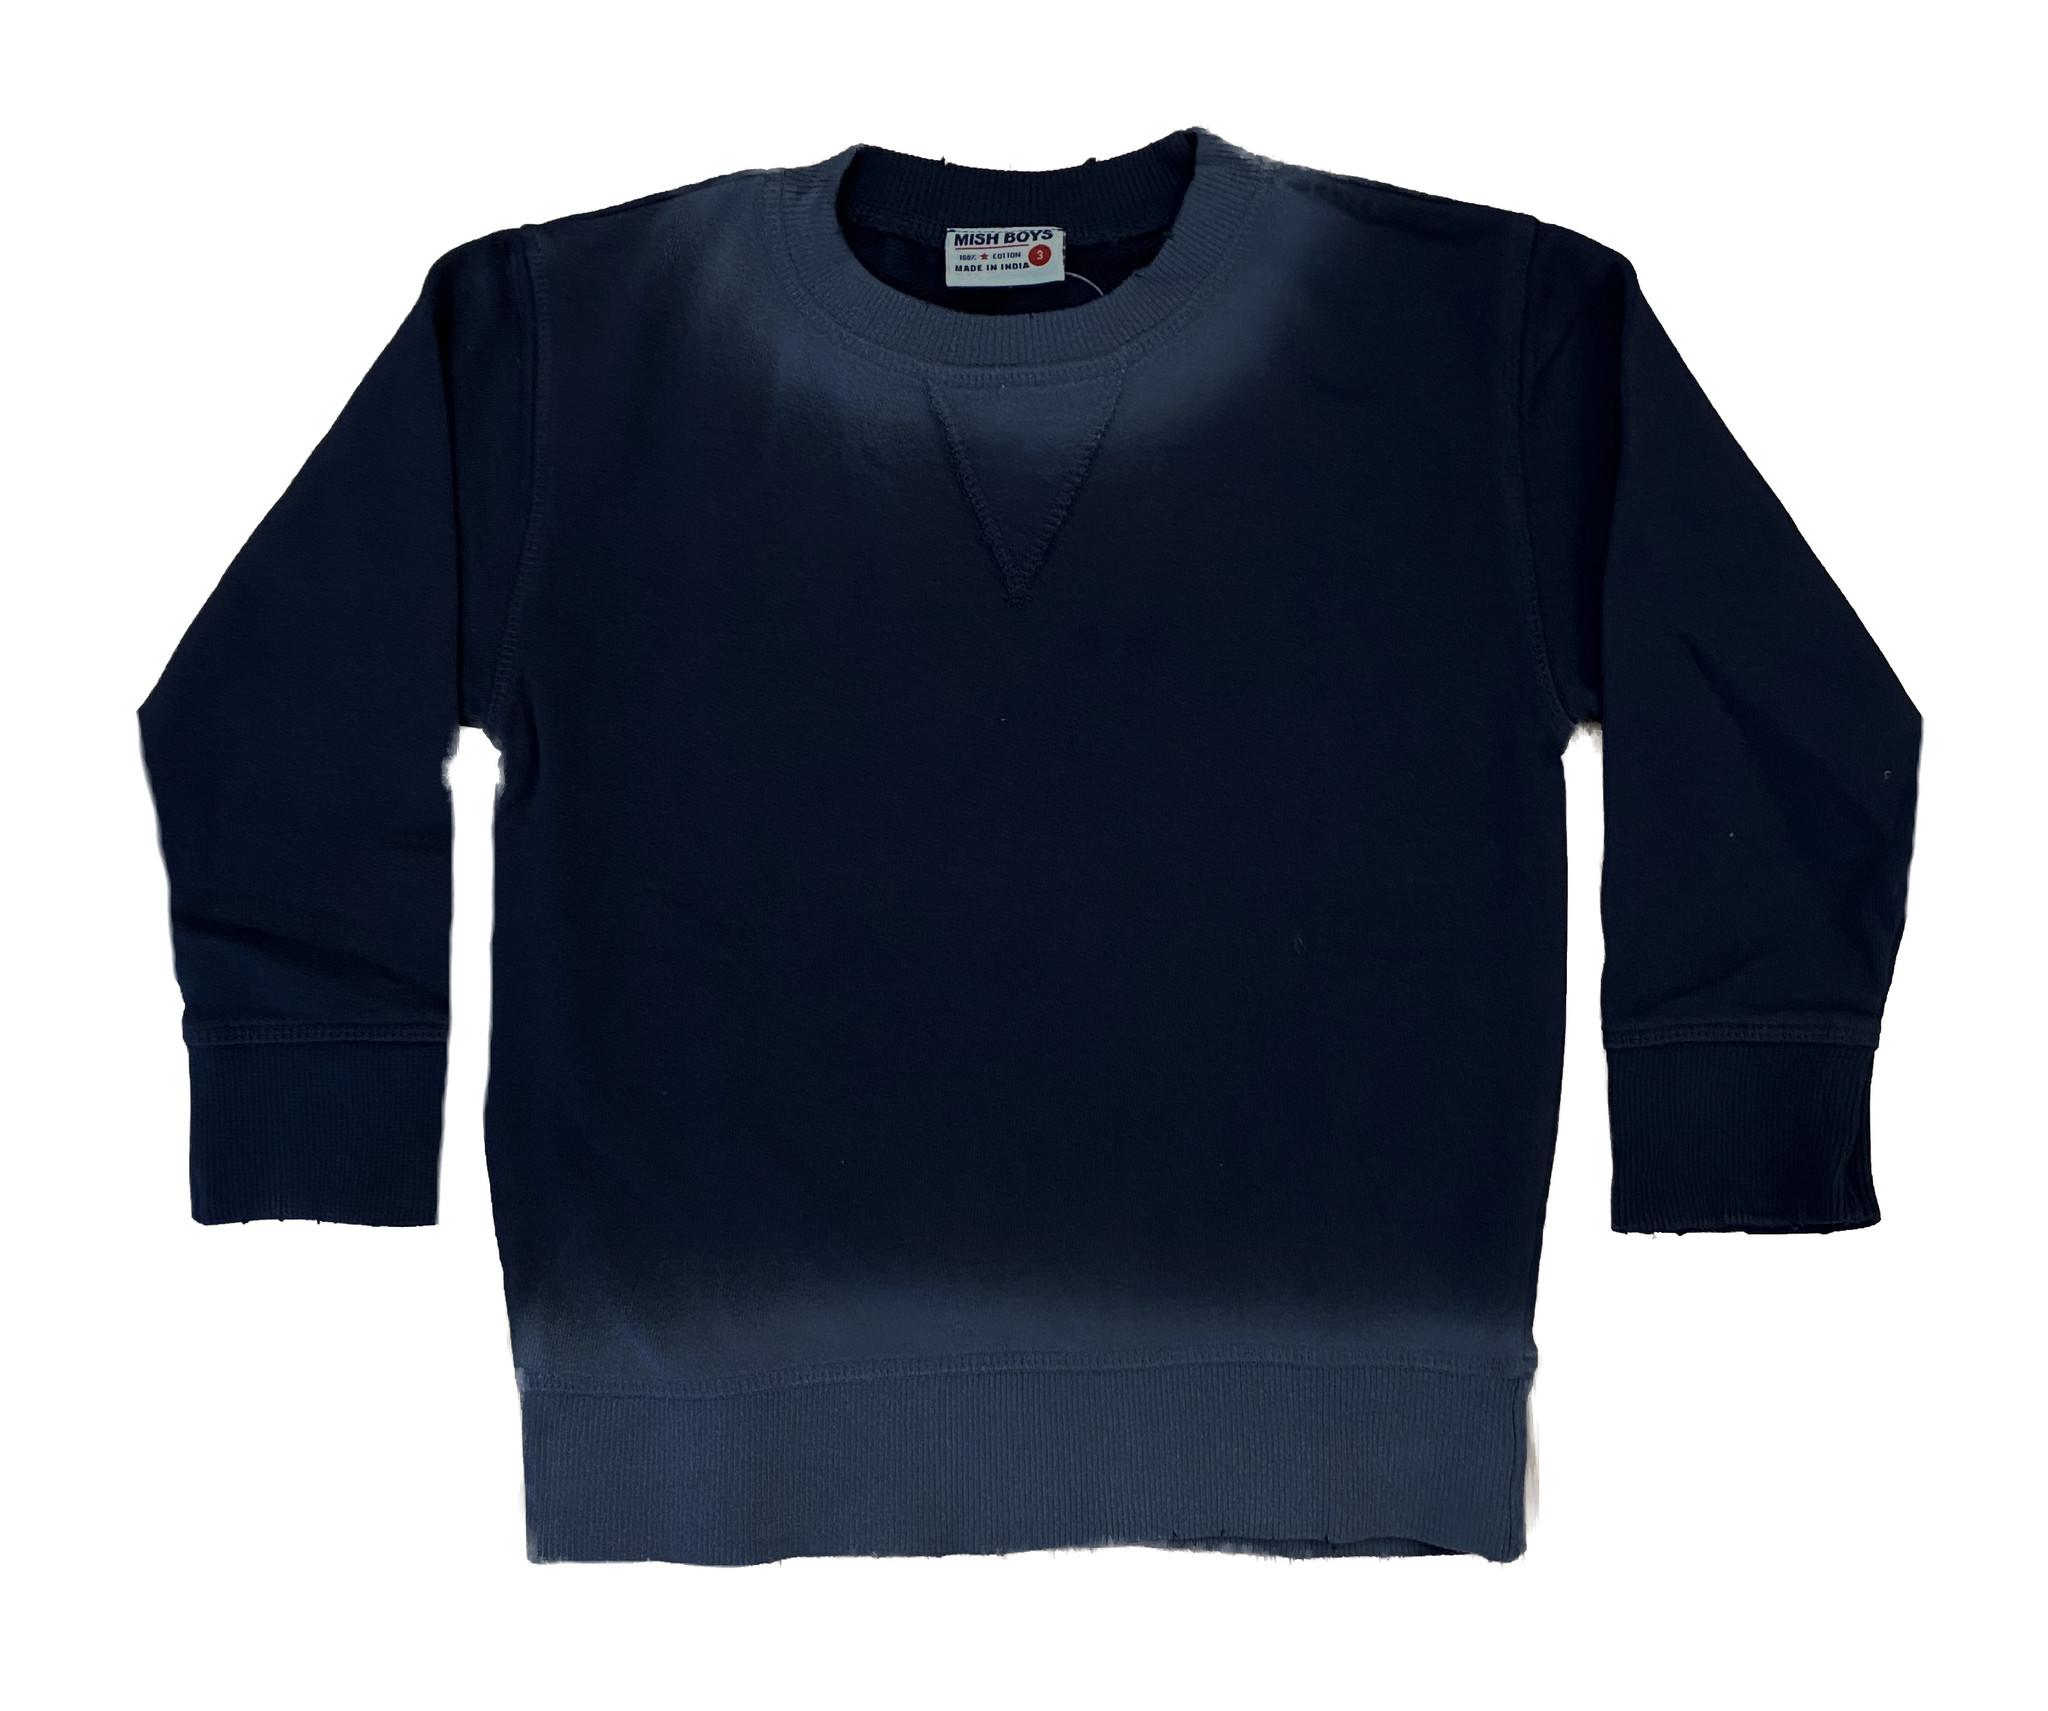 Mish Navy Ombre Sweatshirt